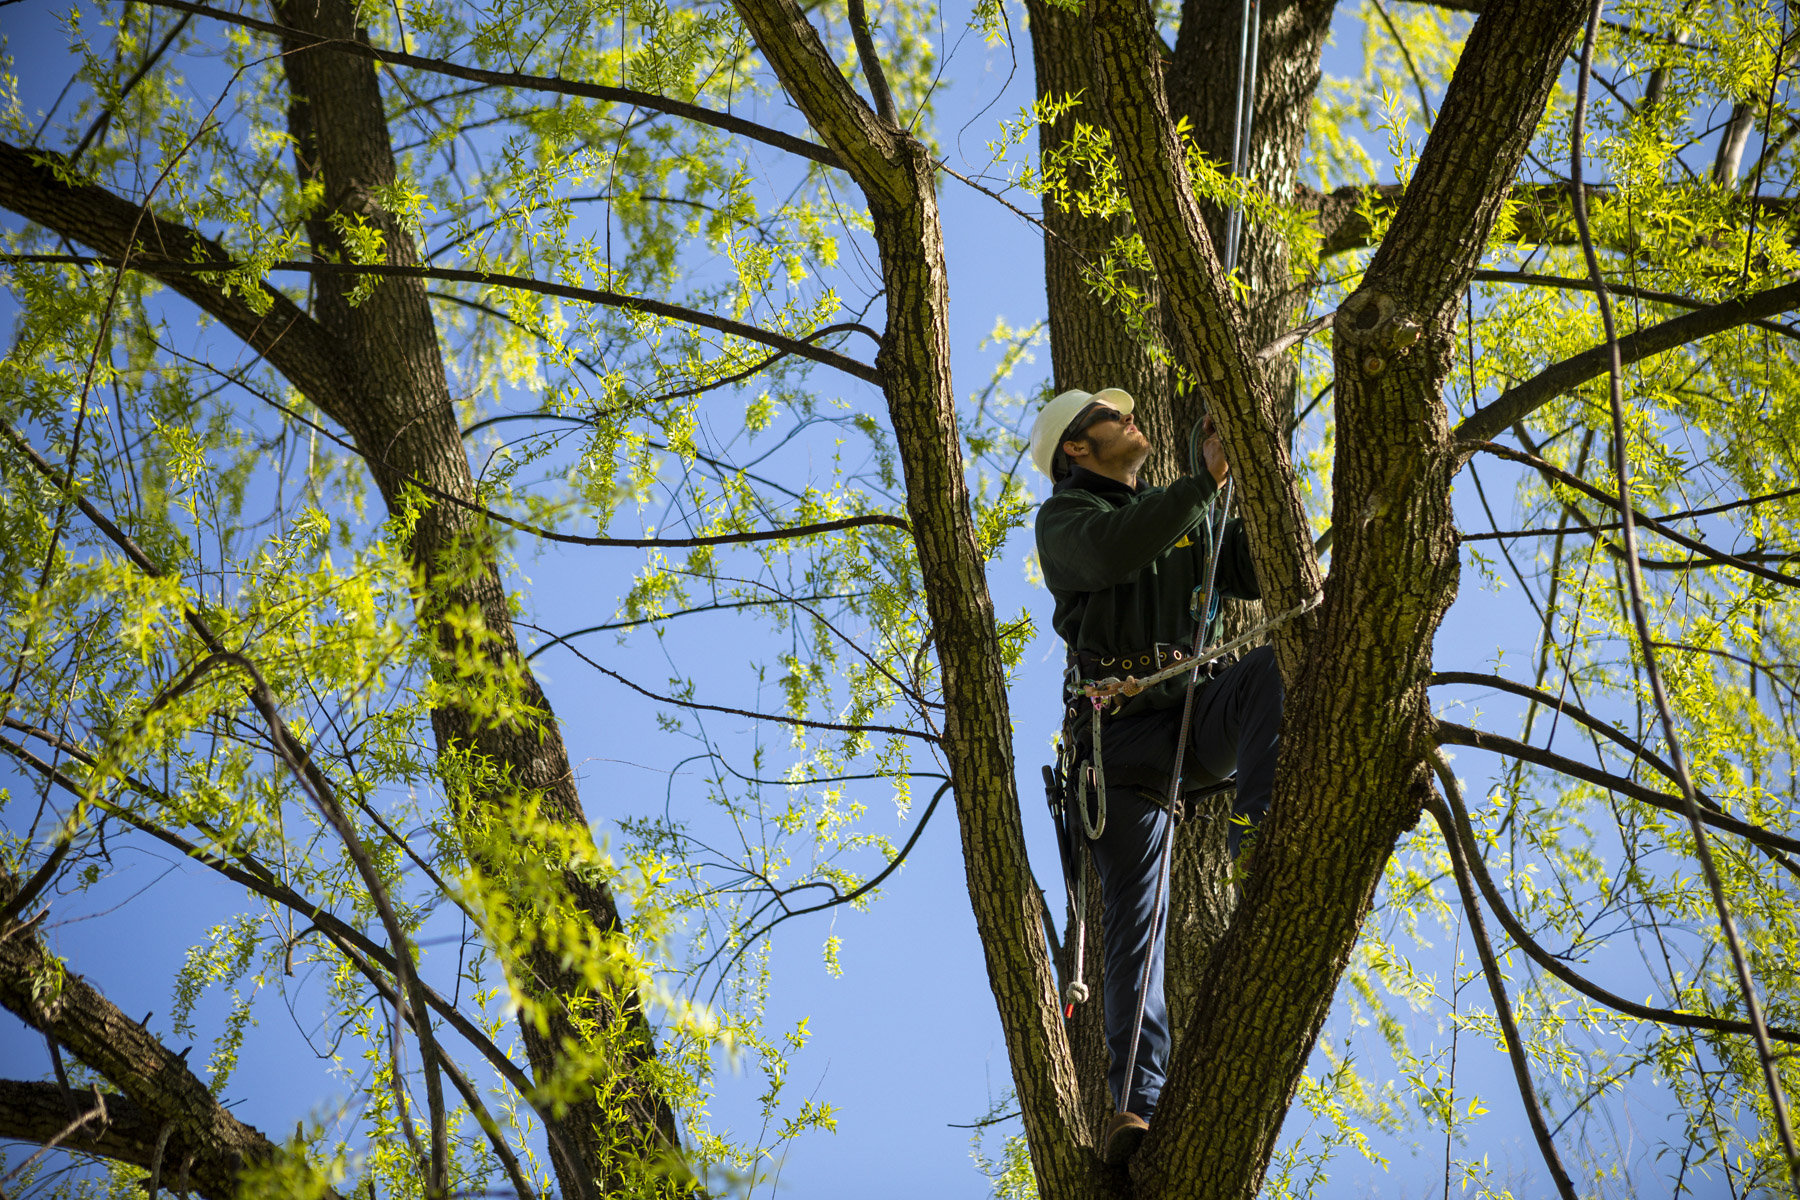 Arborist tree climber pruning. 7